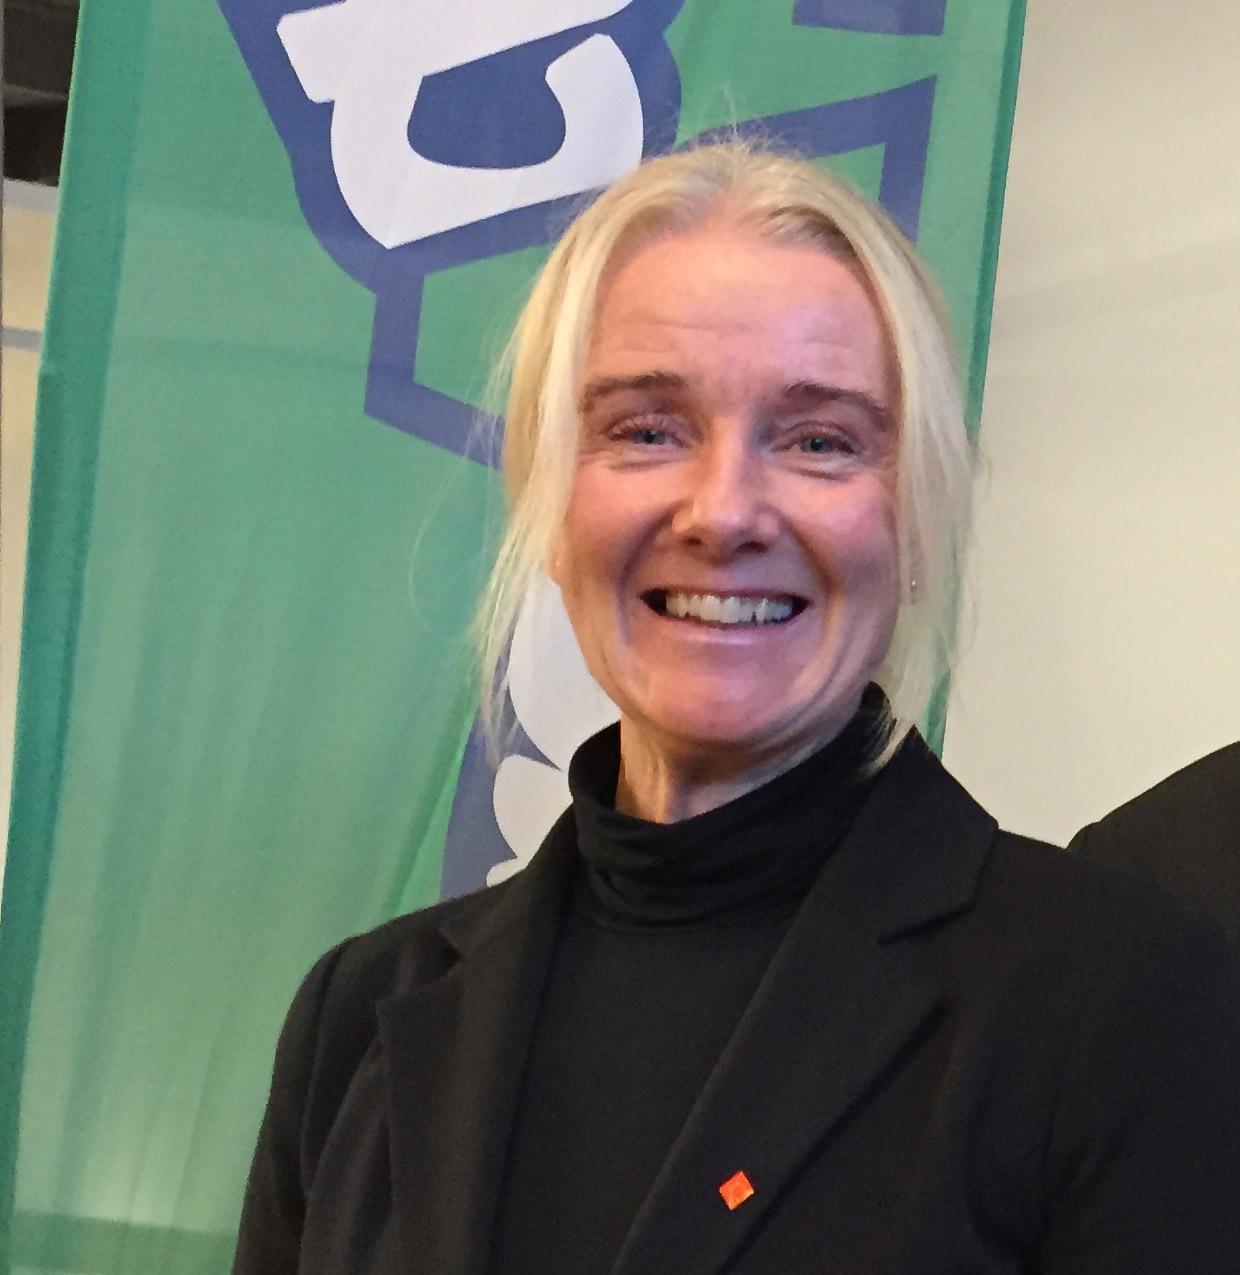 Verksamhetsansvarig i StyrelseAkademien Östsverige Maria Floxner slutar. Foto: Tomas Tränkner